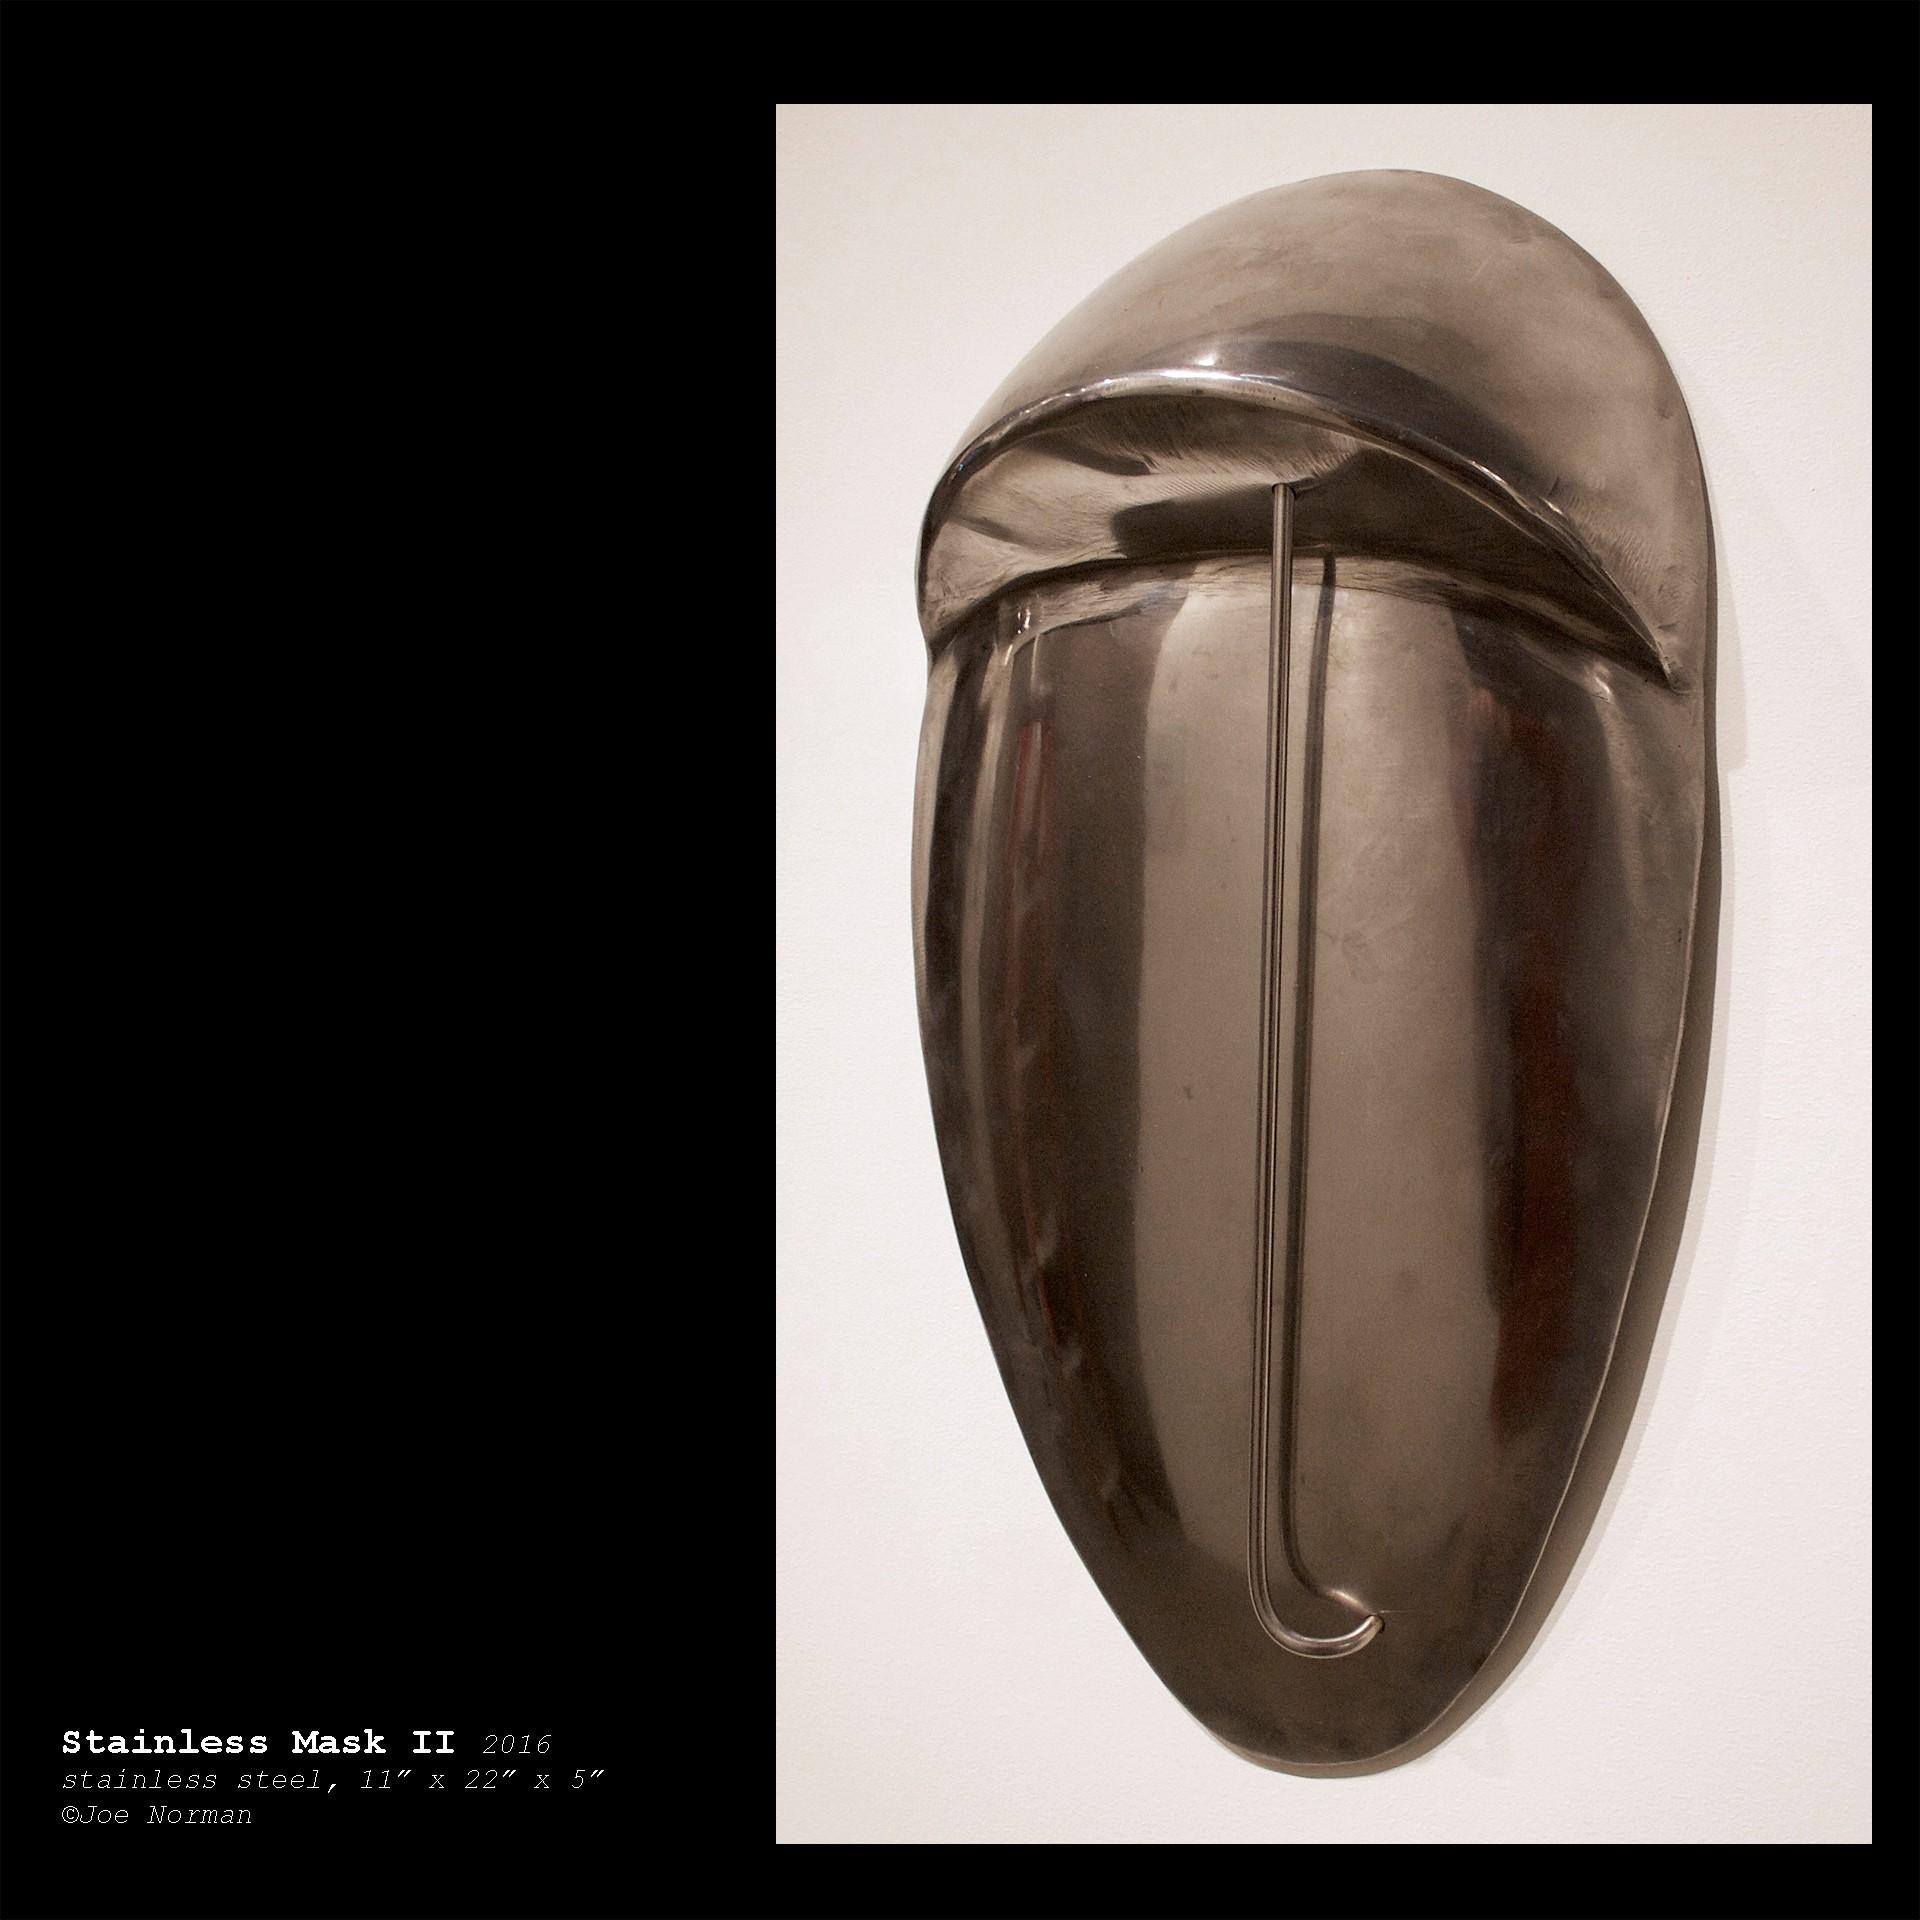 Joe Norman - Stainless Mask II